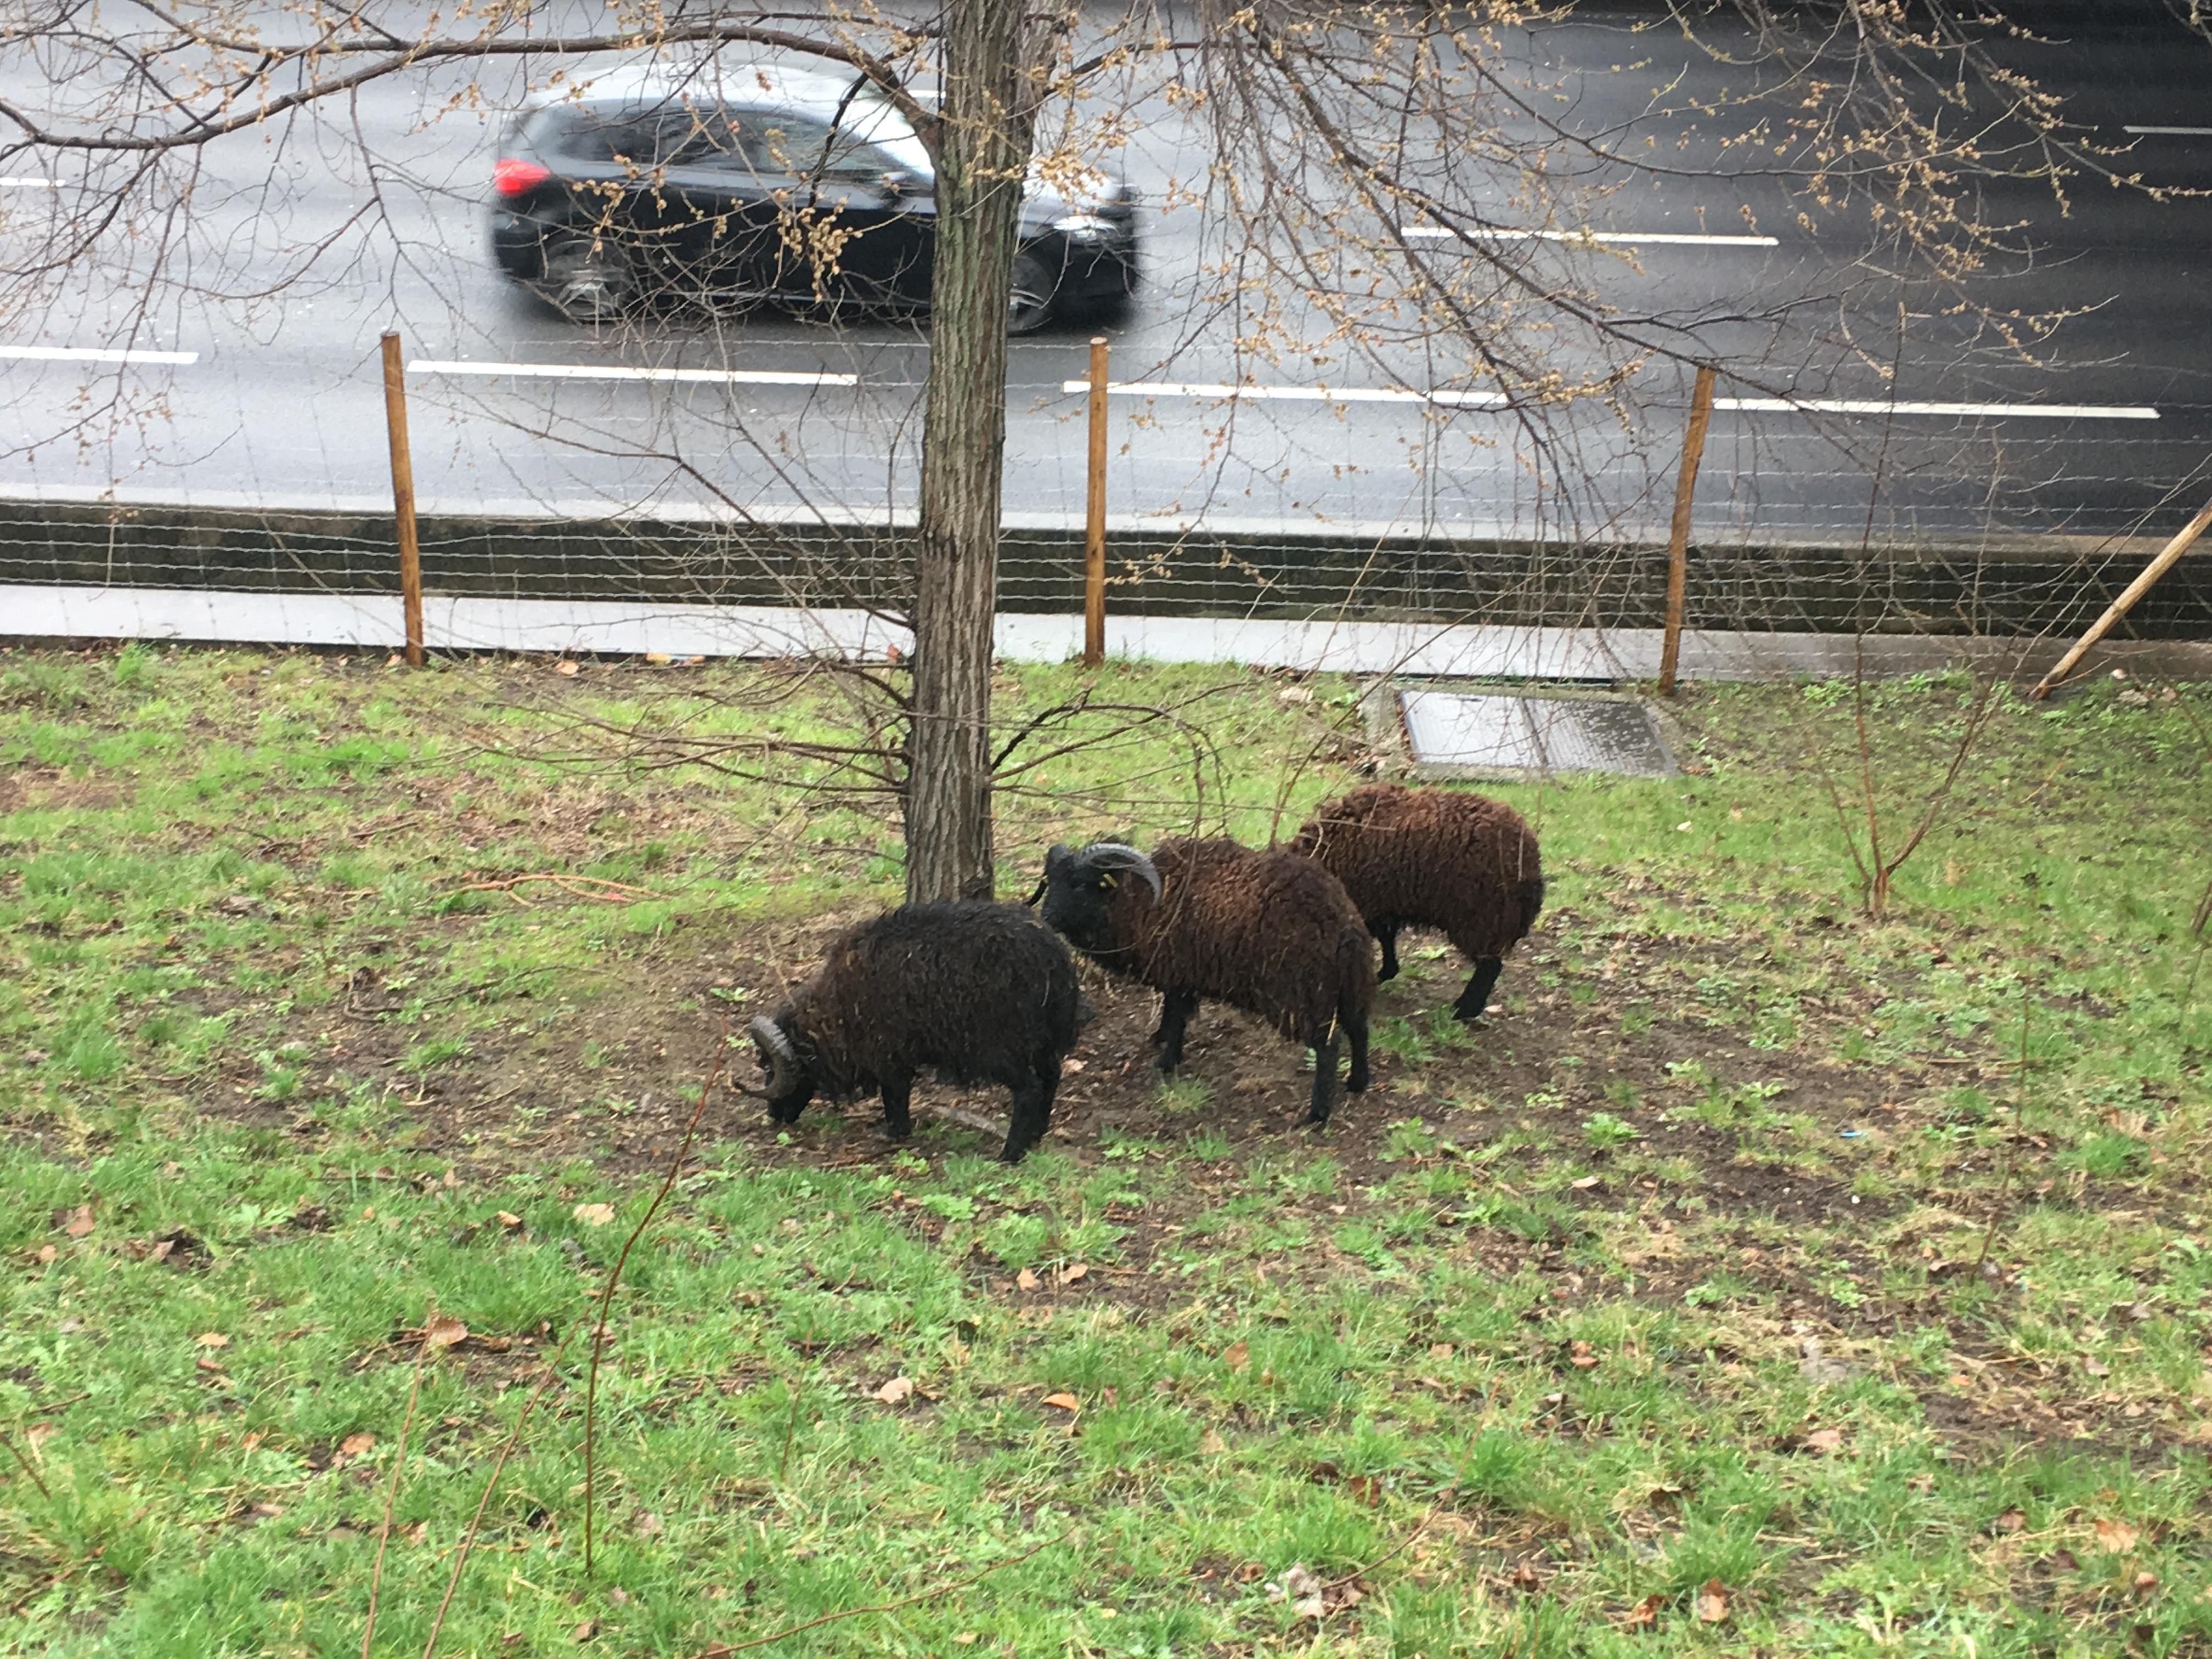 Des moutons broutent la pelouse au bord du périphérique parisien